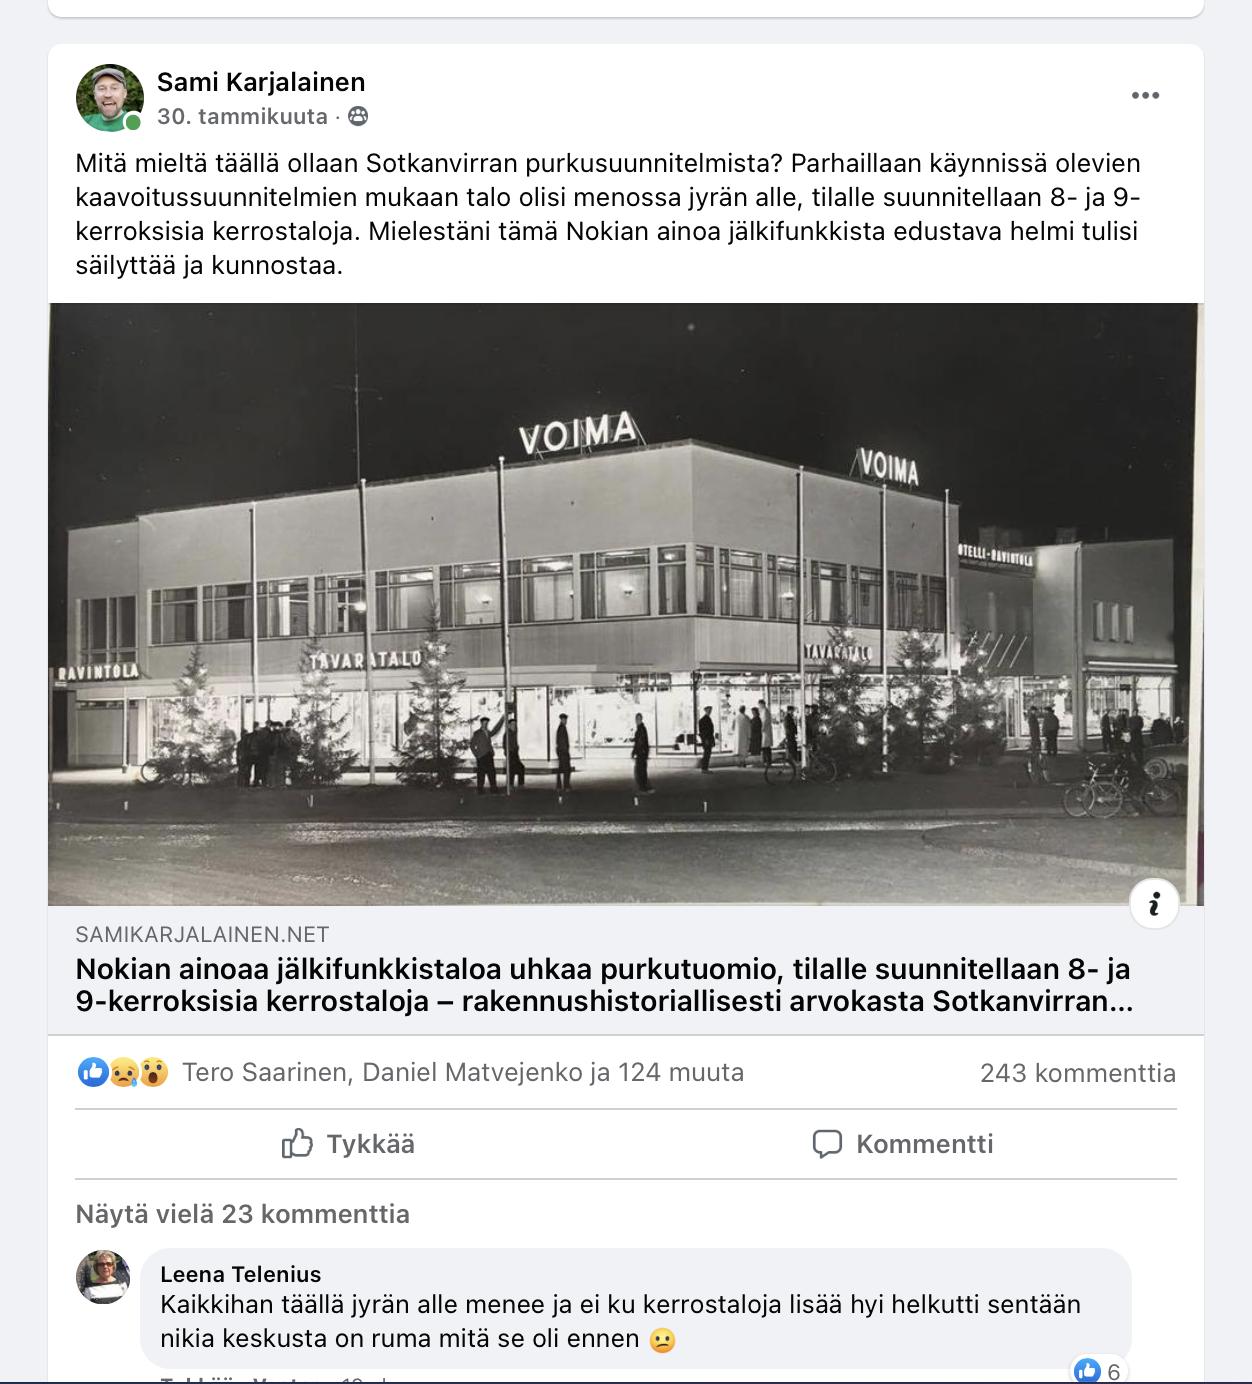 Sami Karjalainen: korona-ajan vaalit keskittyivät pitkälti someen.